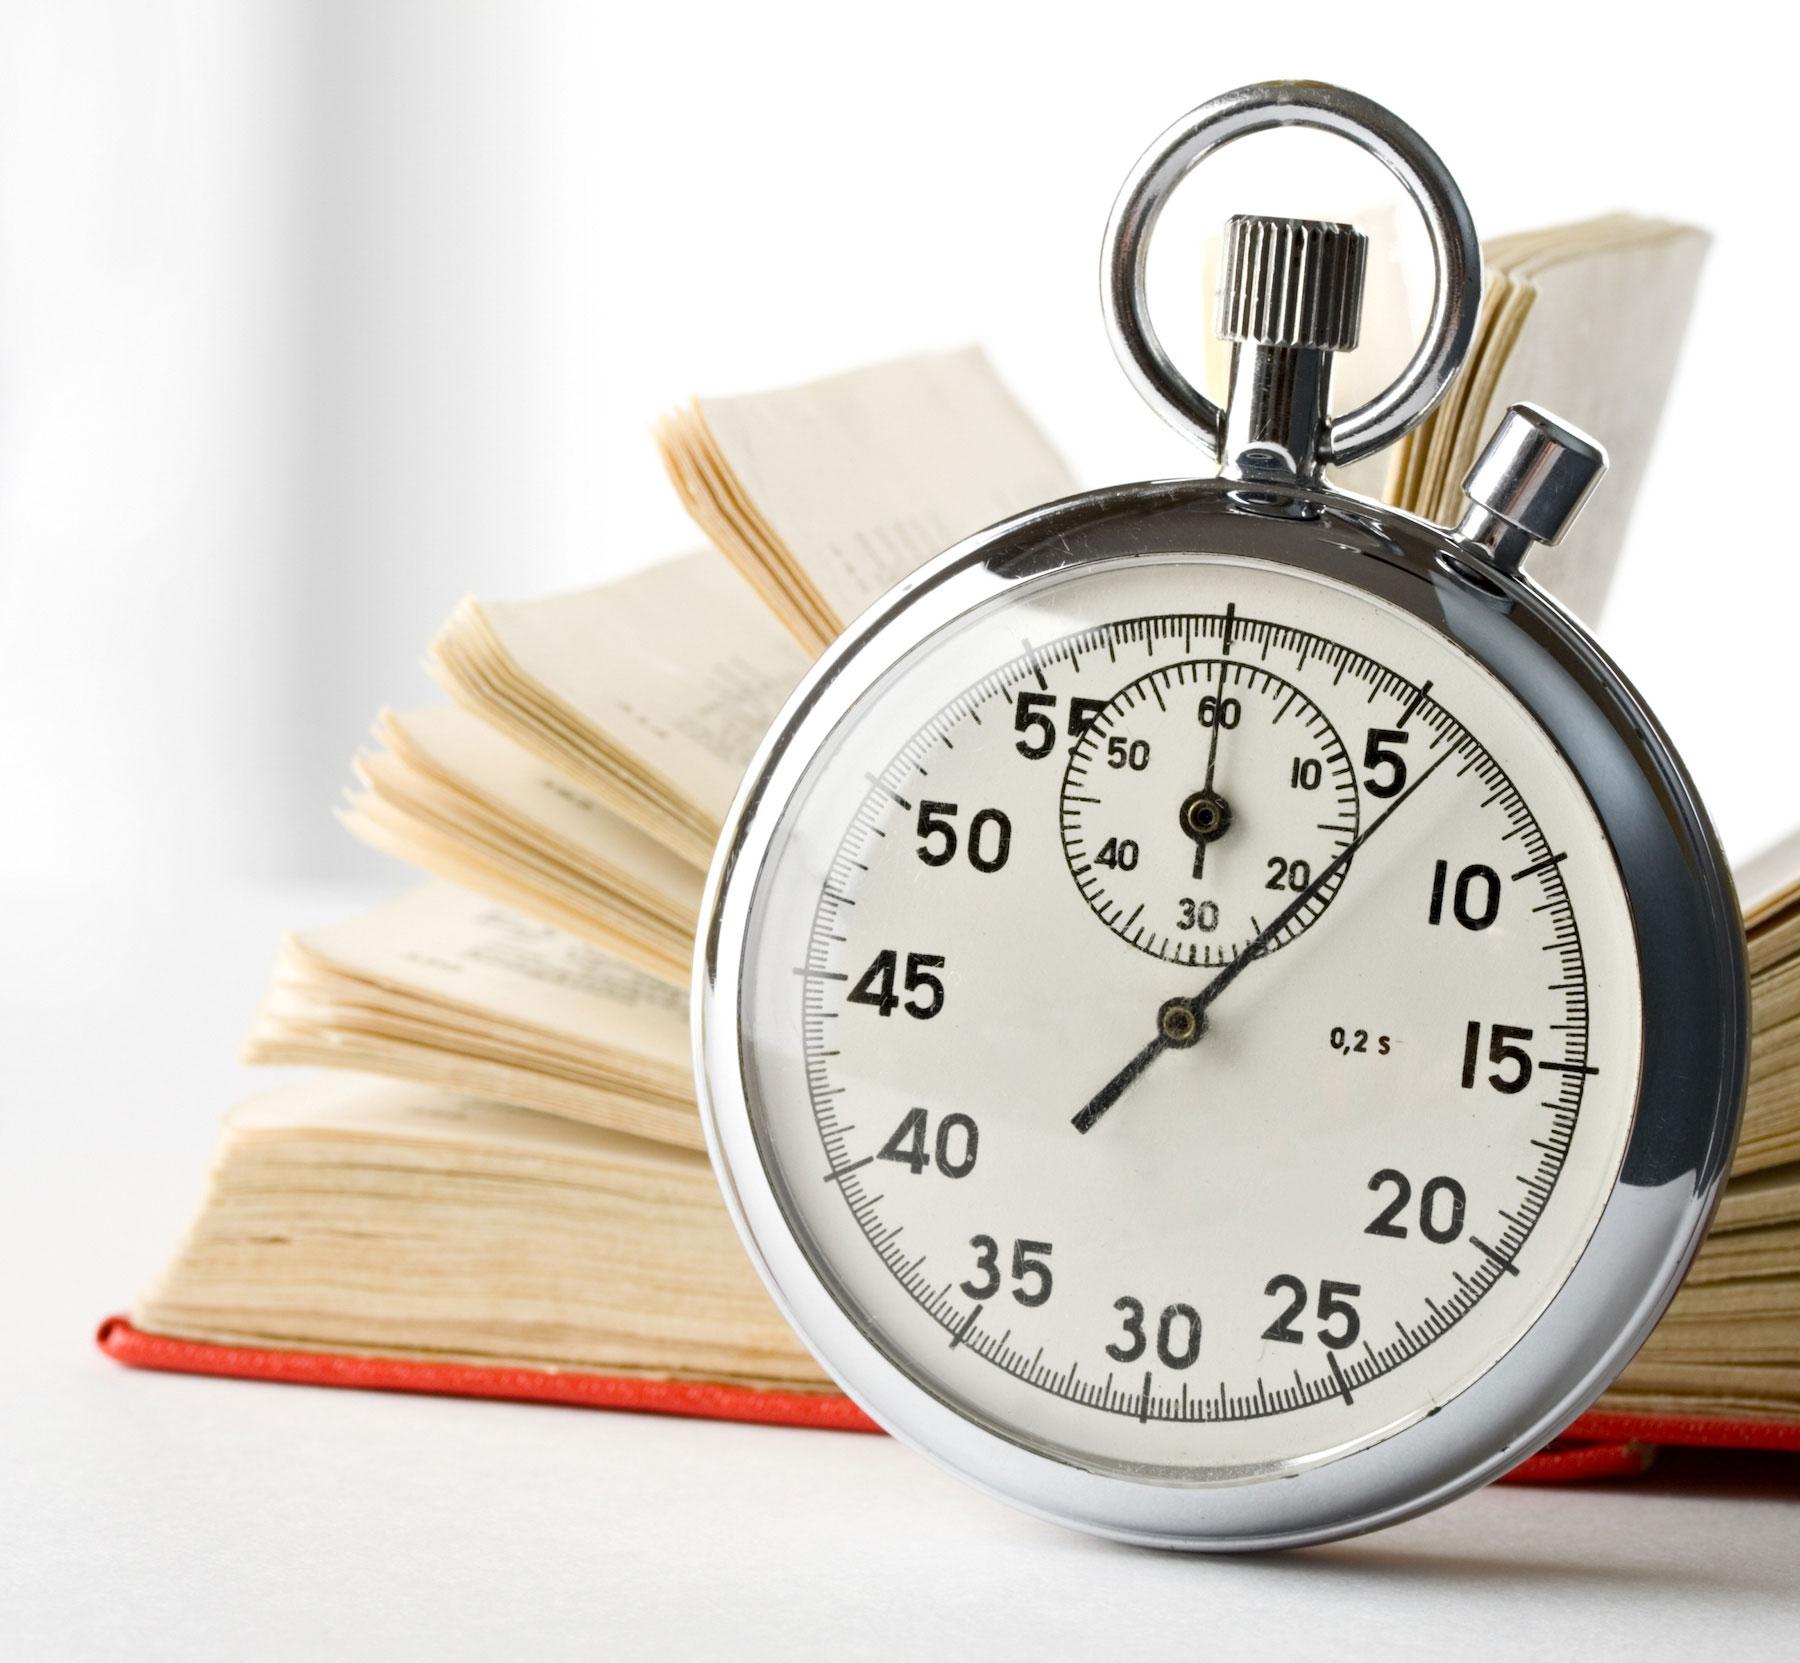 ¡Lee más rápido! 2 ideas que realmente funcionan